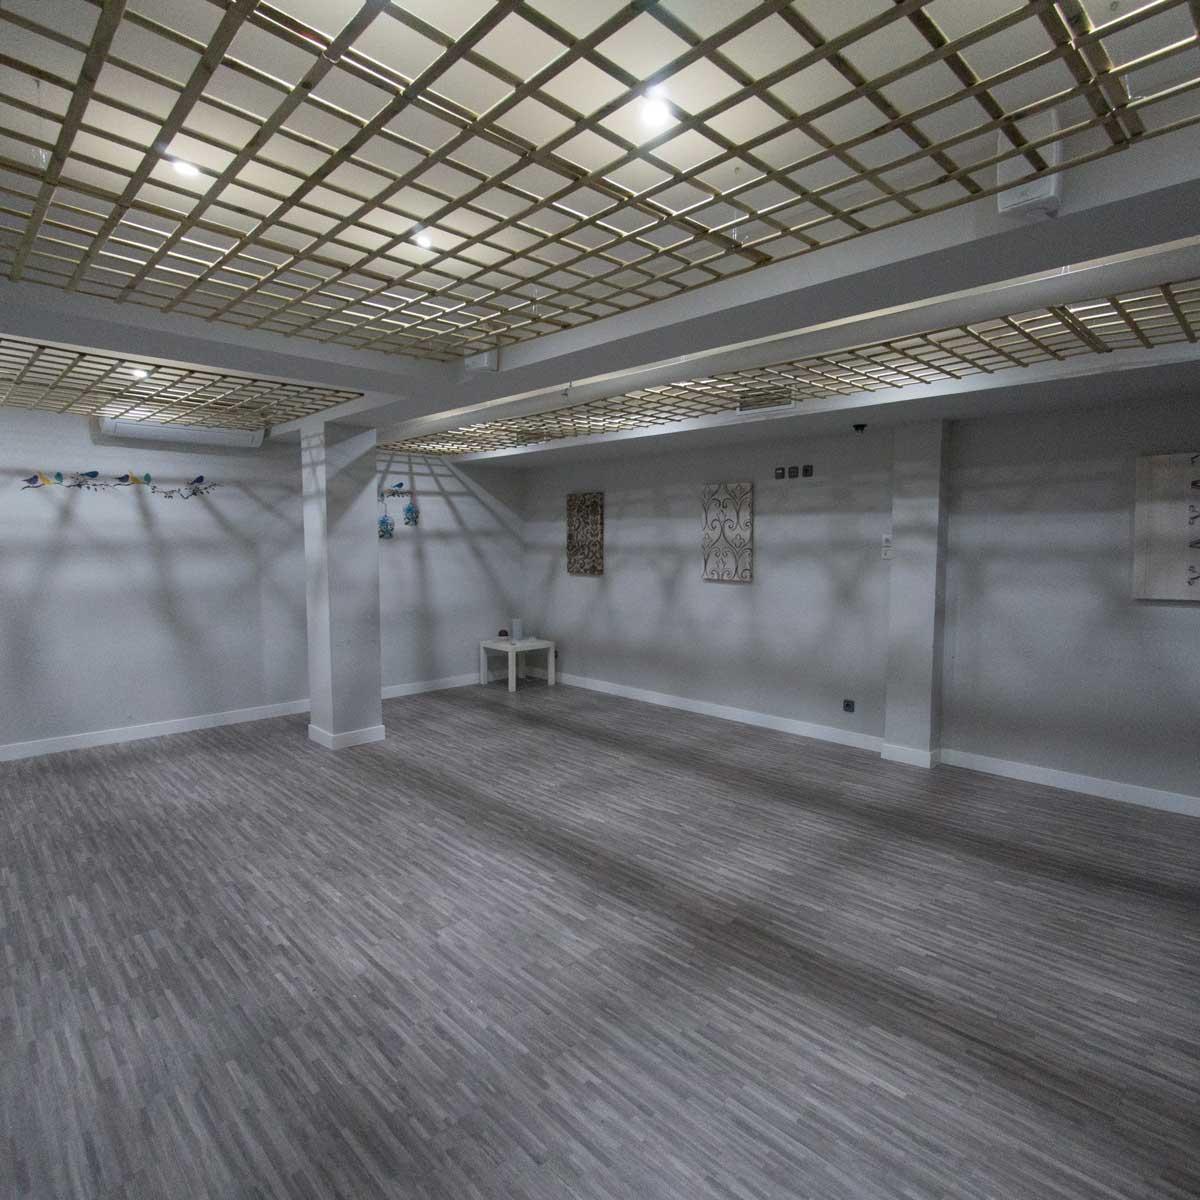 Alquiler de espacios madrid alzentro for Sala but madrid